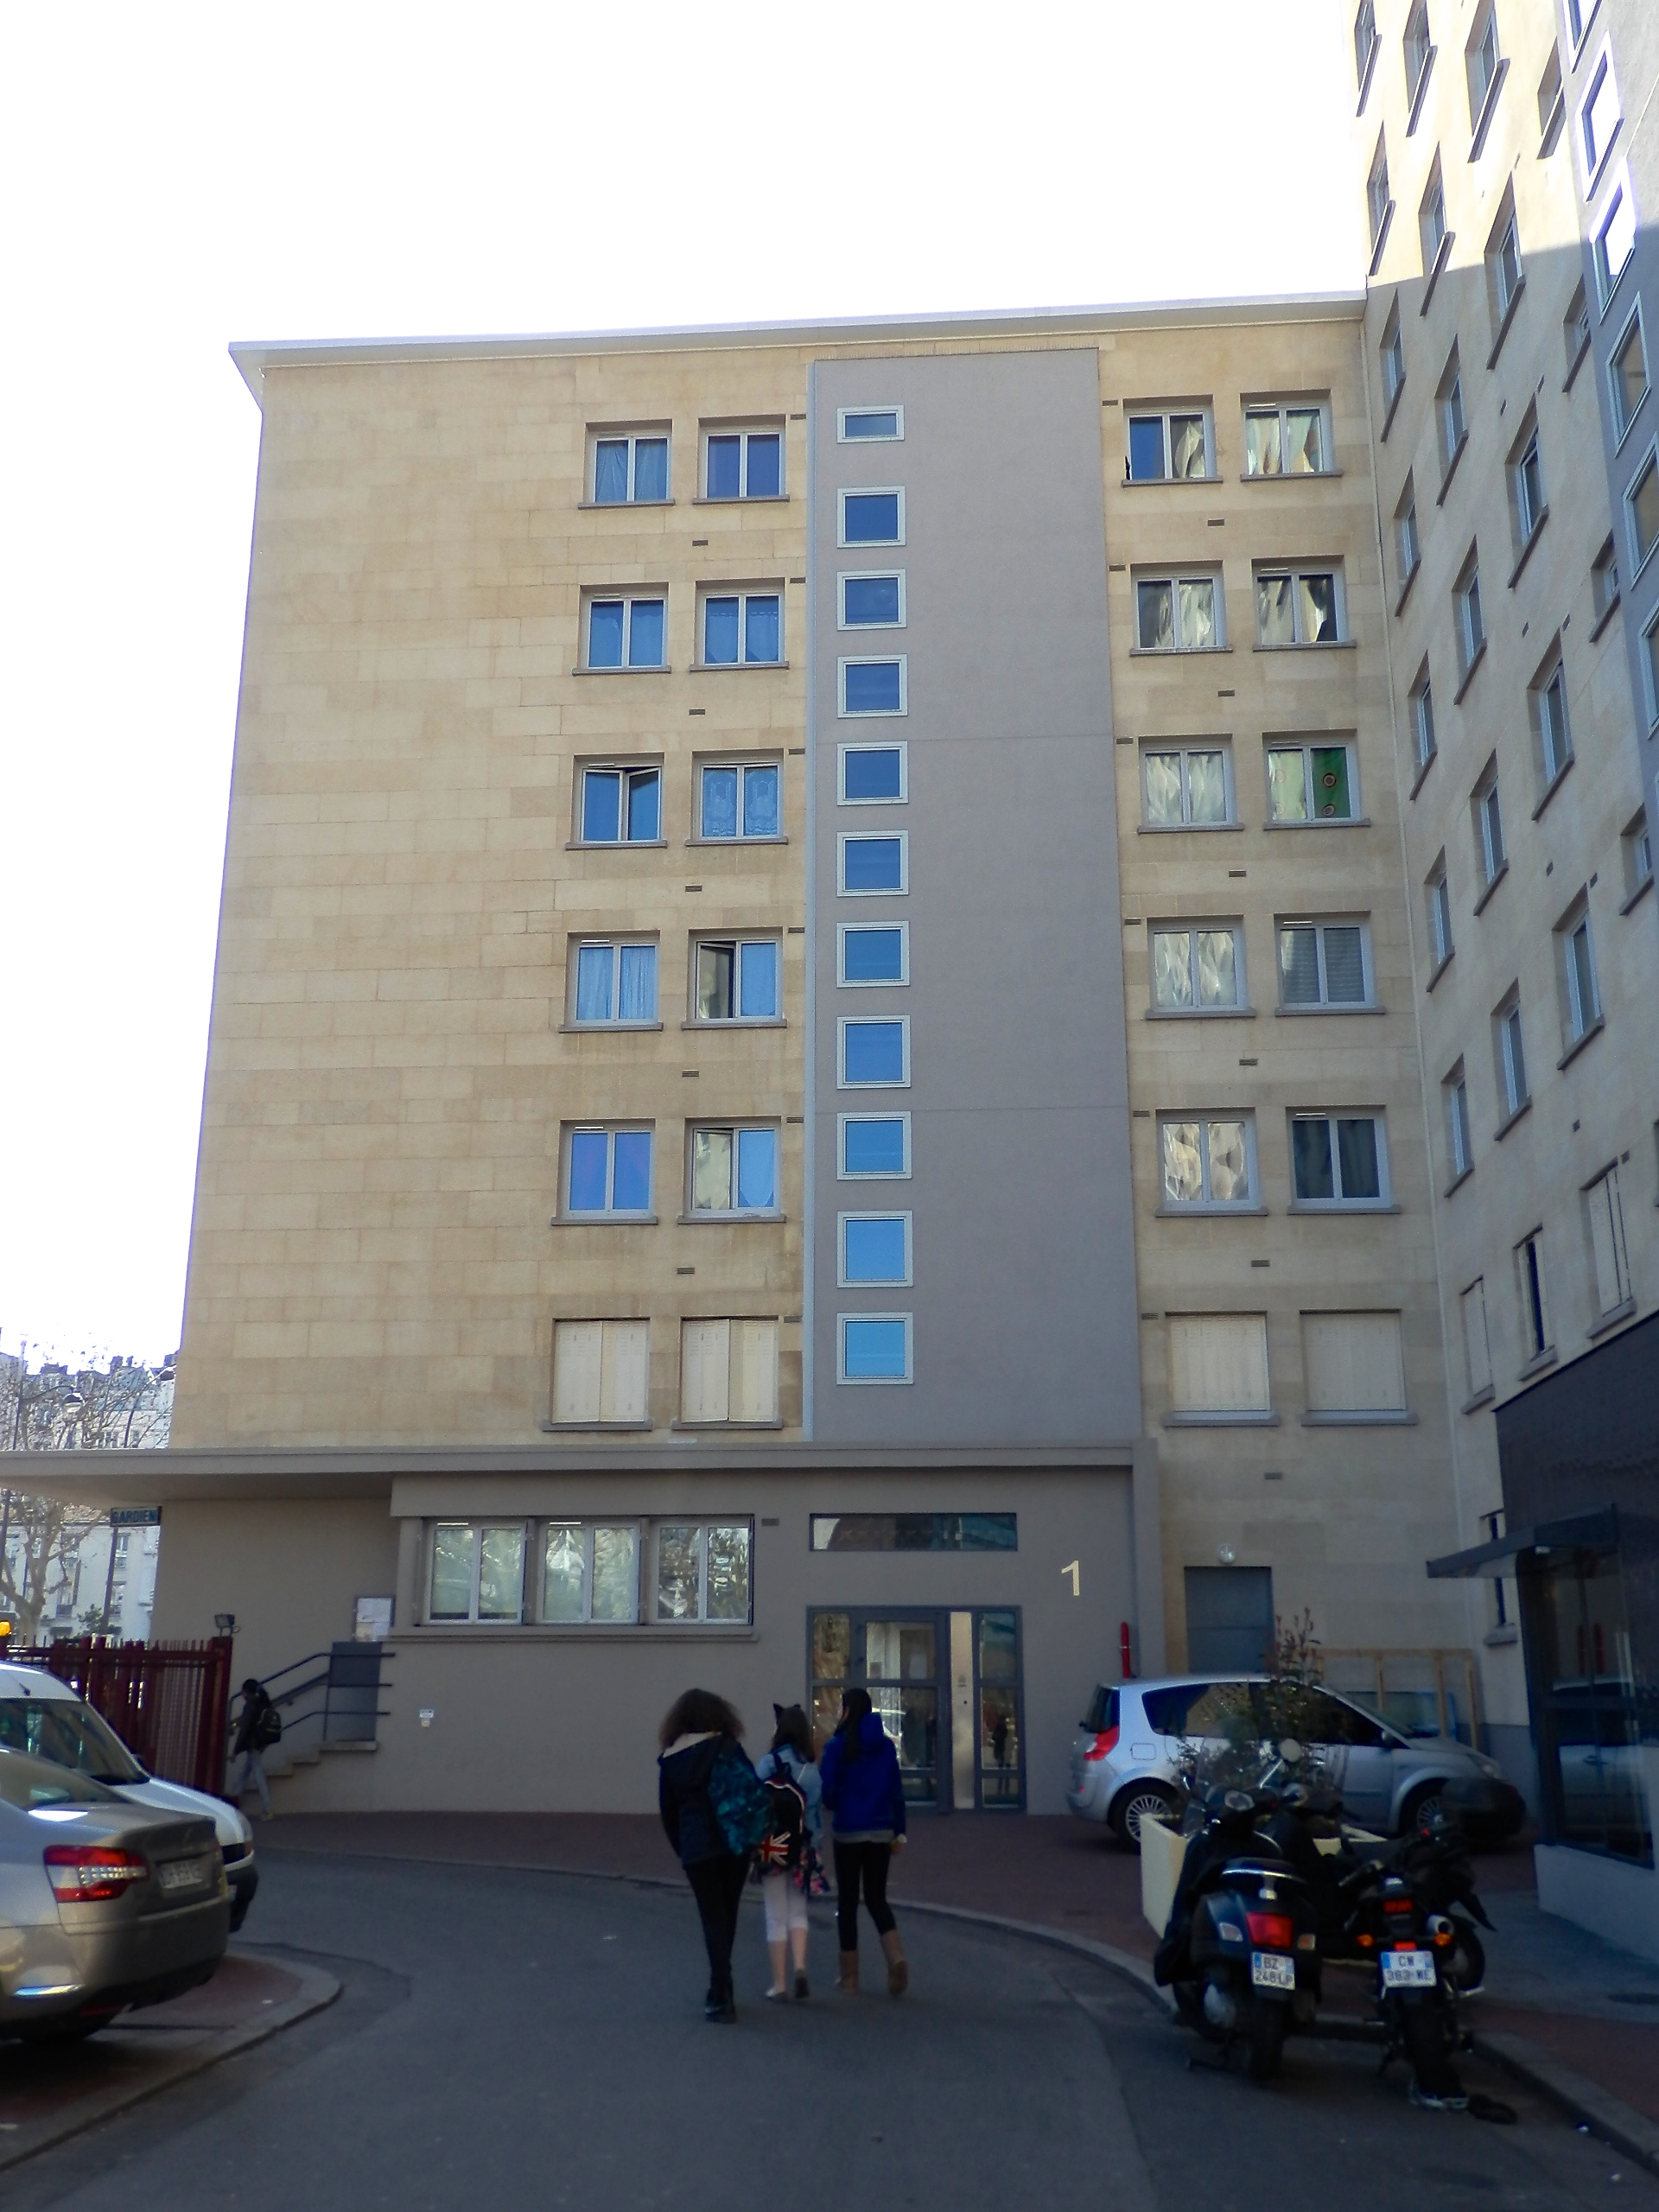 Vue  de l'arrière de l'immeuble de l'Hyper cacher, 1 rue du Commandant l'Herminier